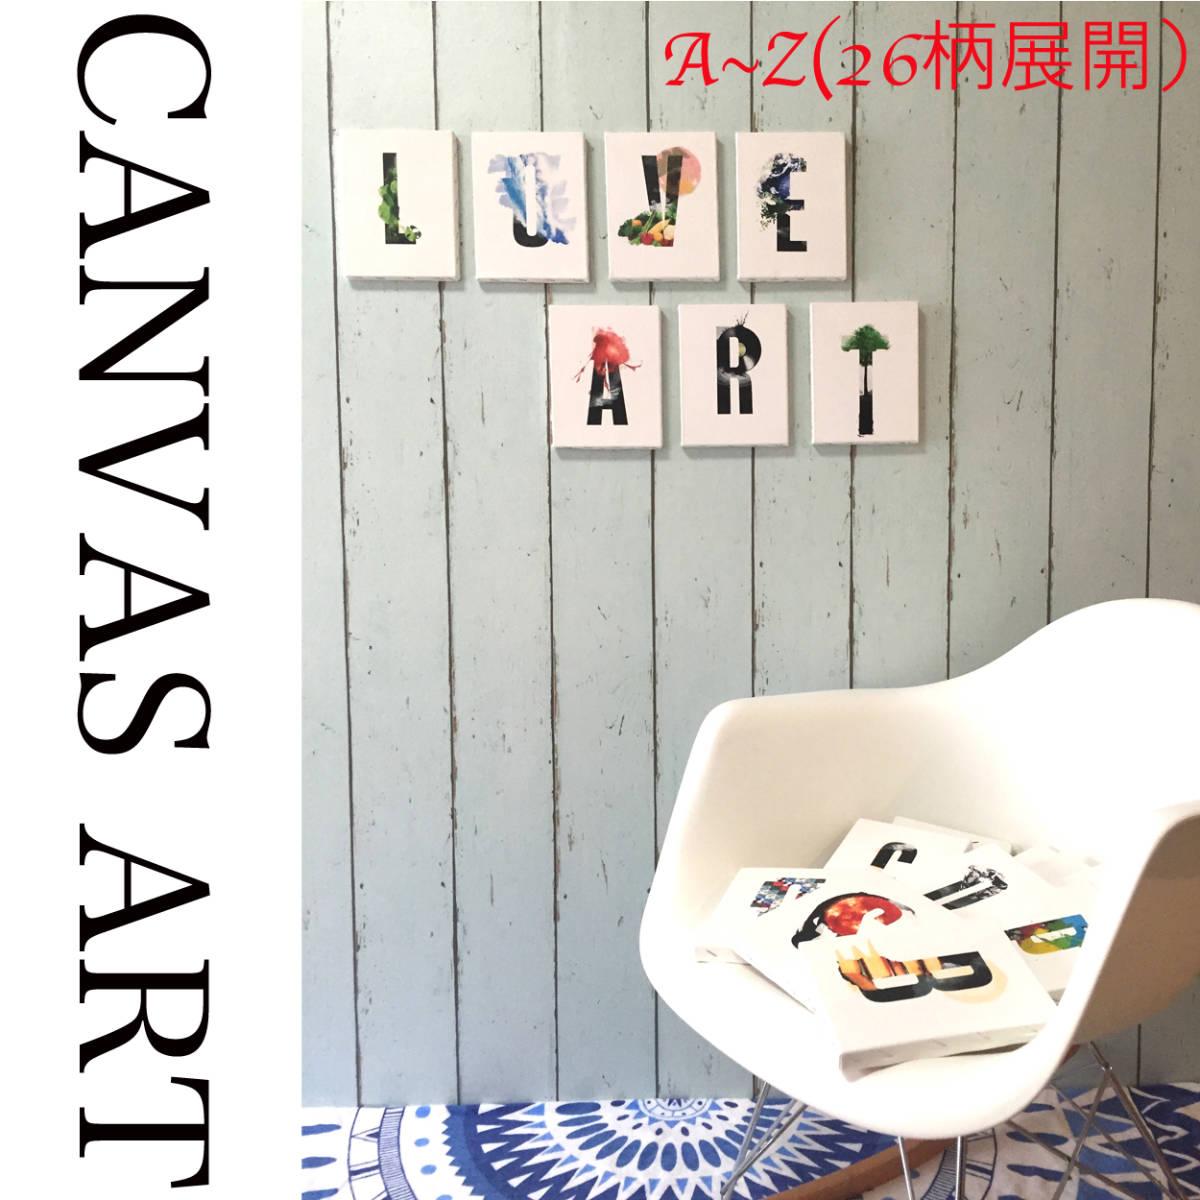 【新品】 Leaf キャンバスアート ファブリックパネル アルファベット アート 壁掛け 11/16